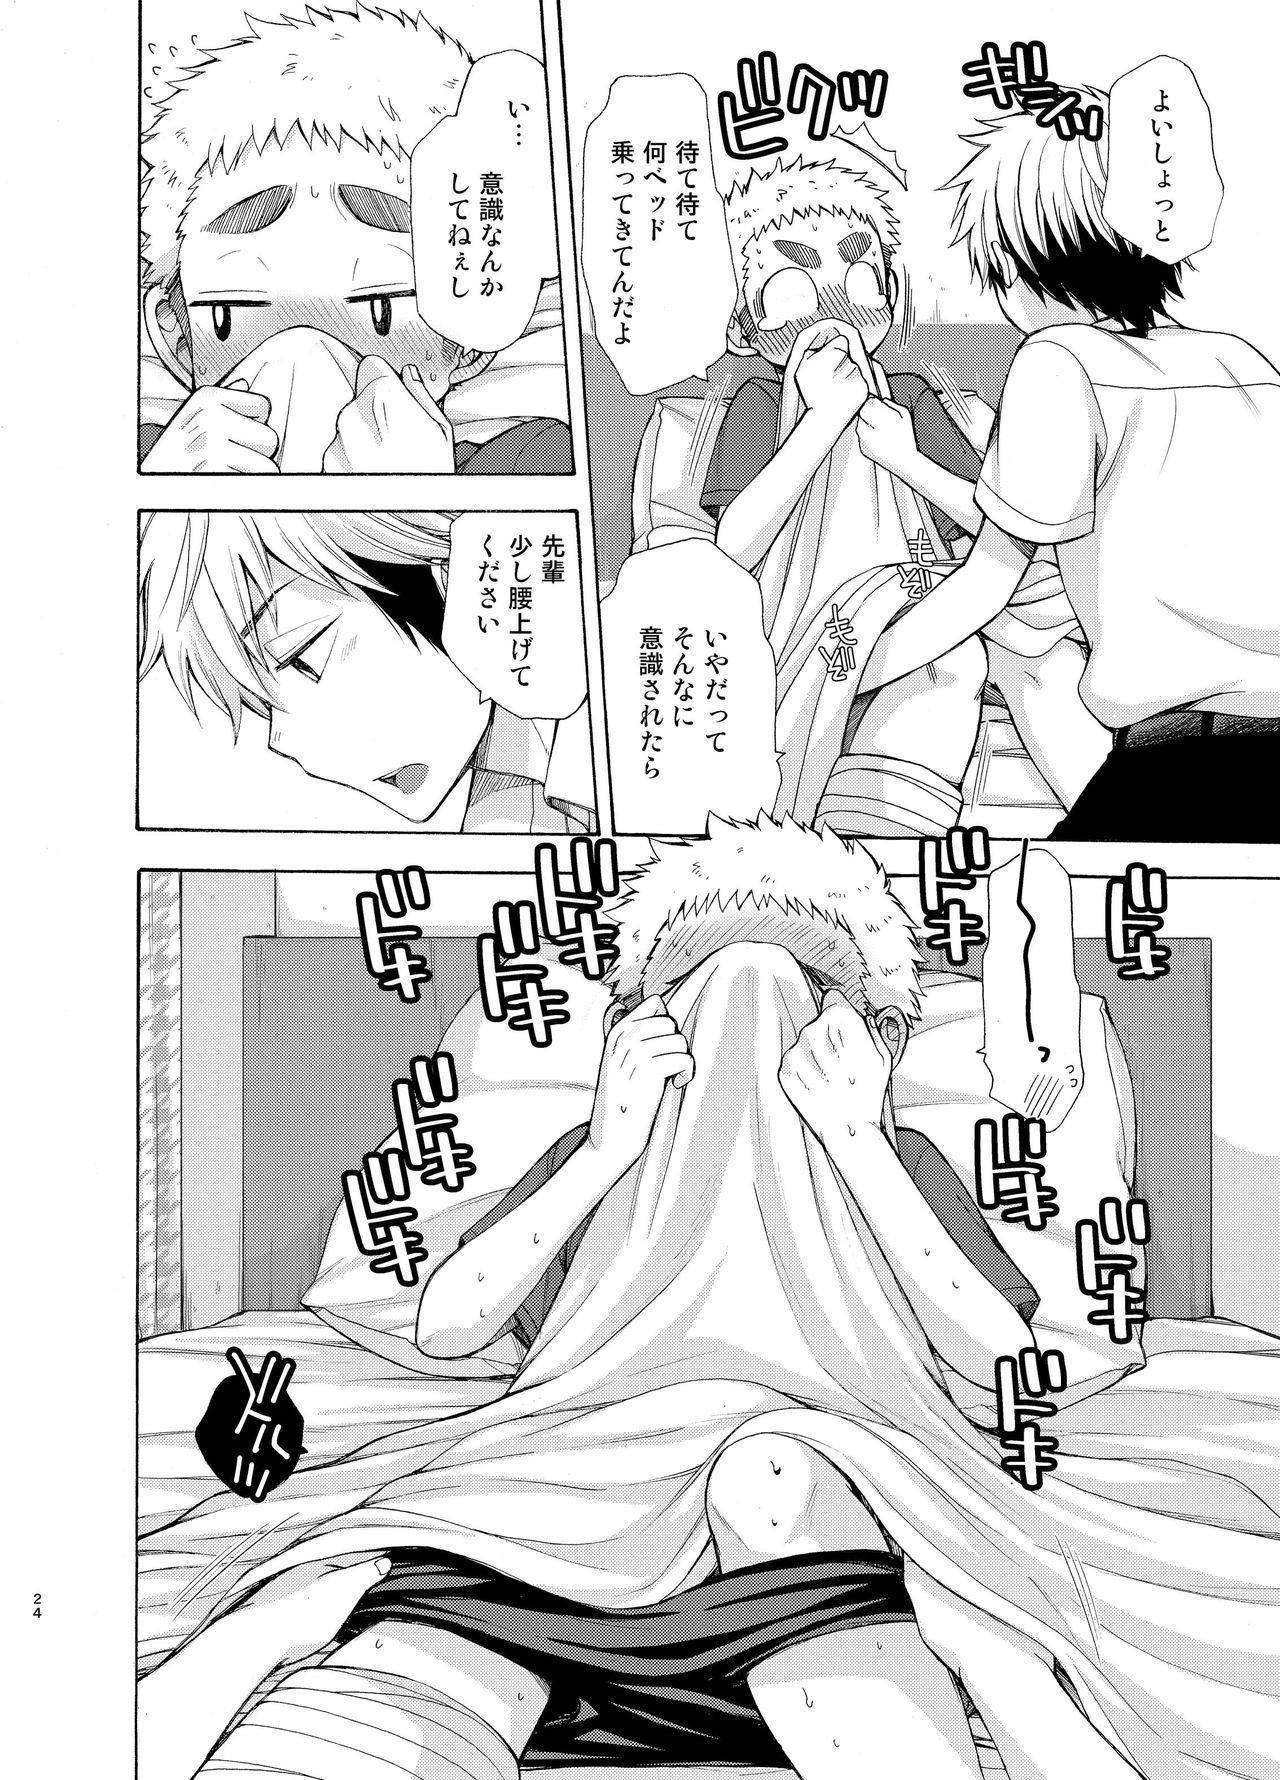 Yuuwaku ni Yowai Ore no Senpai 23